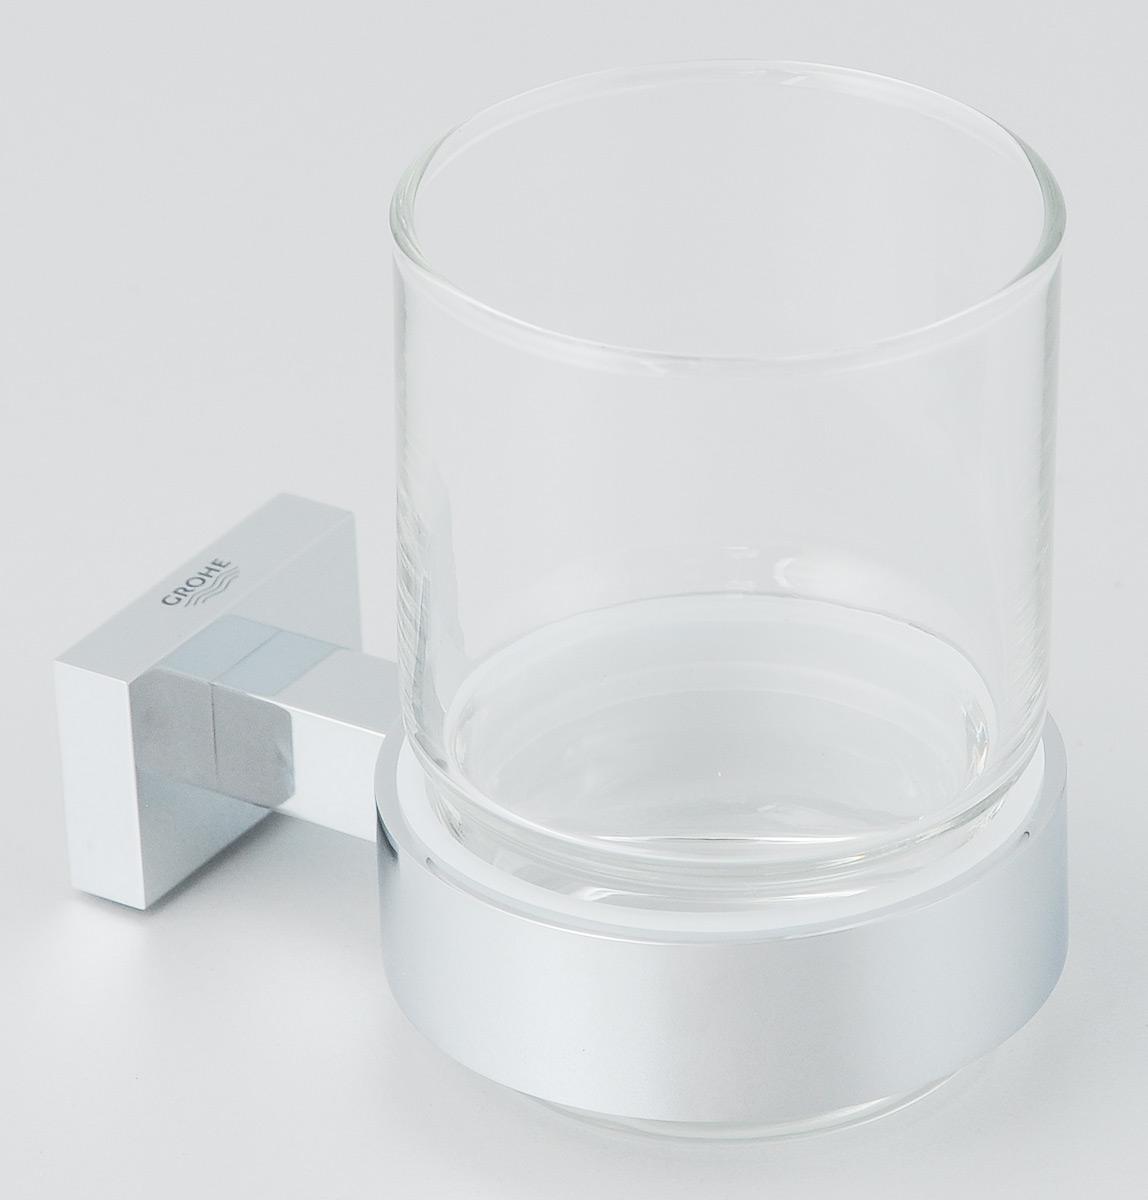 Стакан Grohe Essentials Cube, с держателем40755001Стакан с держателем Grohe Essentials Cube очень практичени функционален. Стакан выполнен из толстого стекла.Держатель изготовлен из металла с хромированнымпокрытием. Благодаря специальной технологии GroheStarLight покрытие обеспечивает сияющий блеск напротяжении всего срока службы. Кроме того, оно отталкиваетгрязь, не тускнеет и обладает высокой степеньюизносостойкости. Стакан крепится к стене (крепежныеэлементы поставляются в комплекте). Крепление скрытое.Благодаря неизменно актуальному дизайну и долговечномухромированному покрытию, такой стакан отлично дополнитинтерьер ванной комнаты, воплощая собой изысканный стильи превосходное качество. Диаметр стакана: 7 см.Высота стакана: 9,5 см. Размер (с держателем): 11 х 7 х 9,5 см.